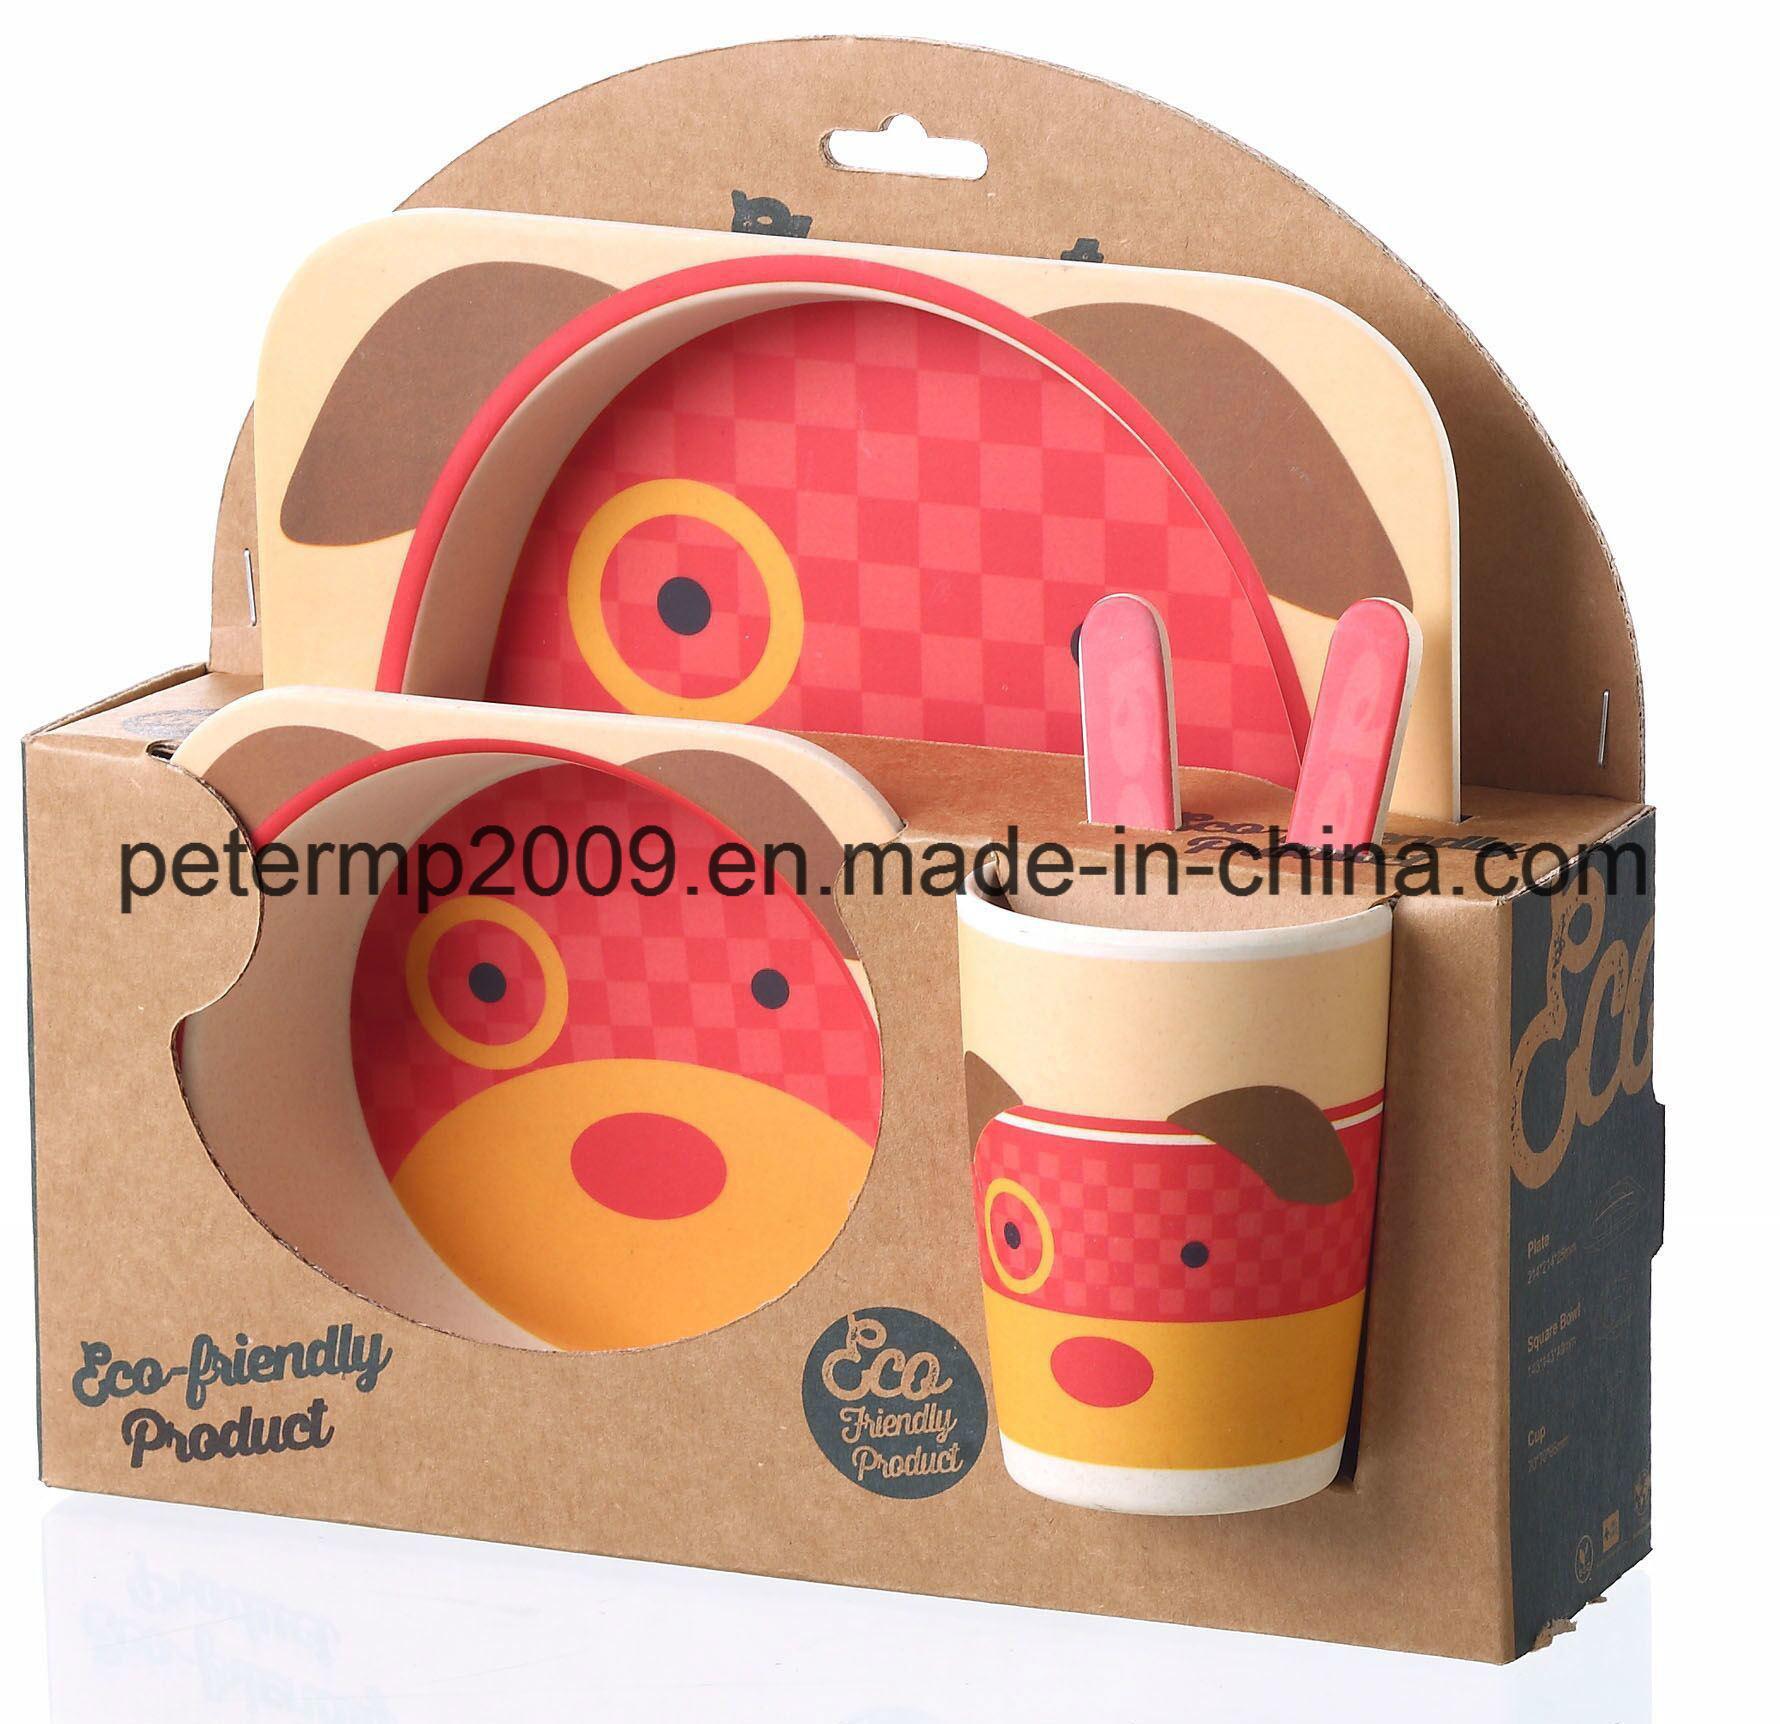 BPA Free Bamboo Fiber Dinner Set for Kids